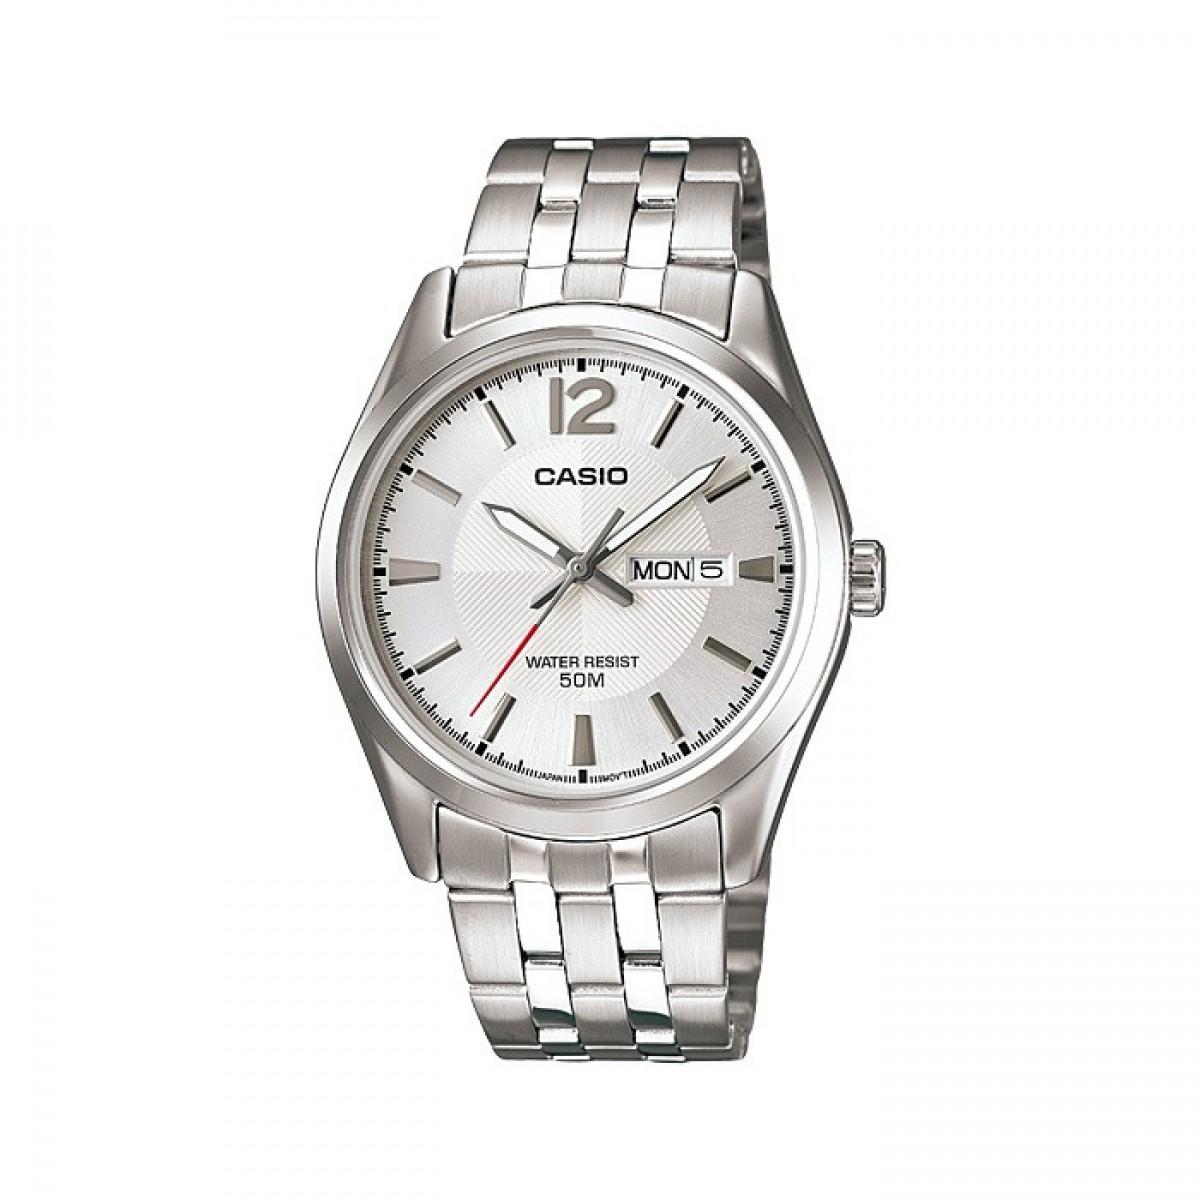 Часовник Casio MTP-1335D-7AV